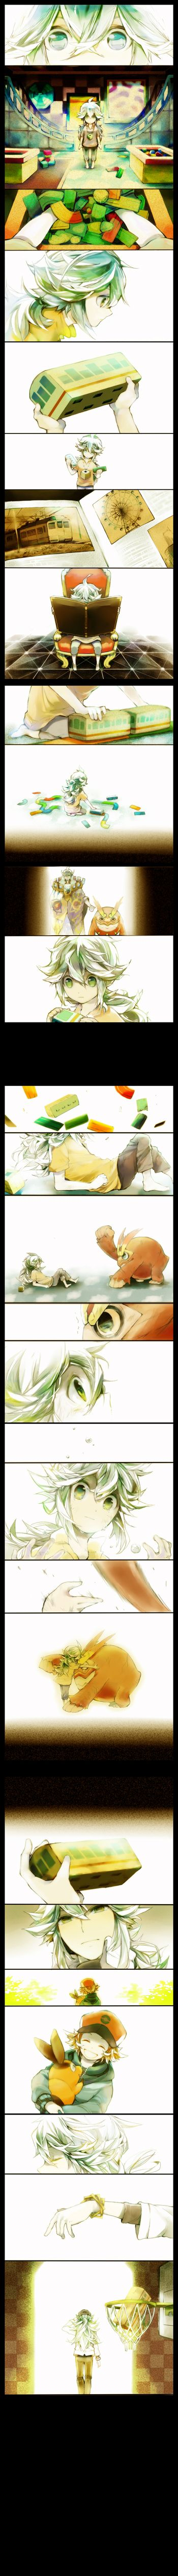 N Harmonia / Pokemon BW